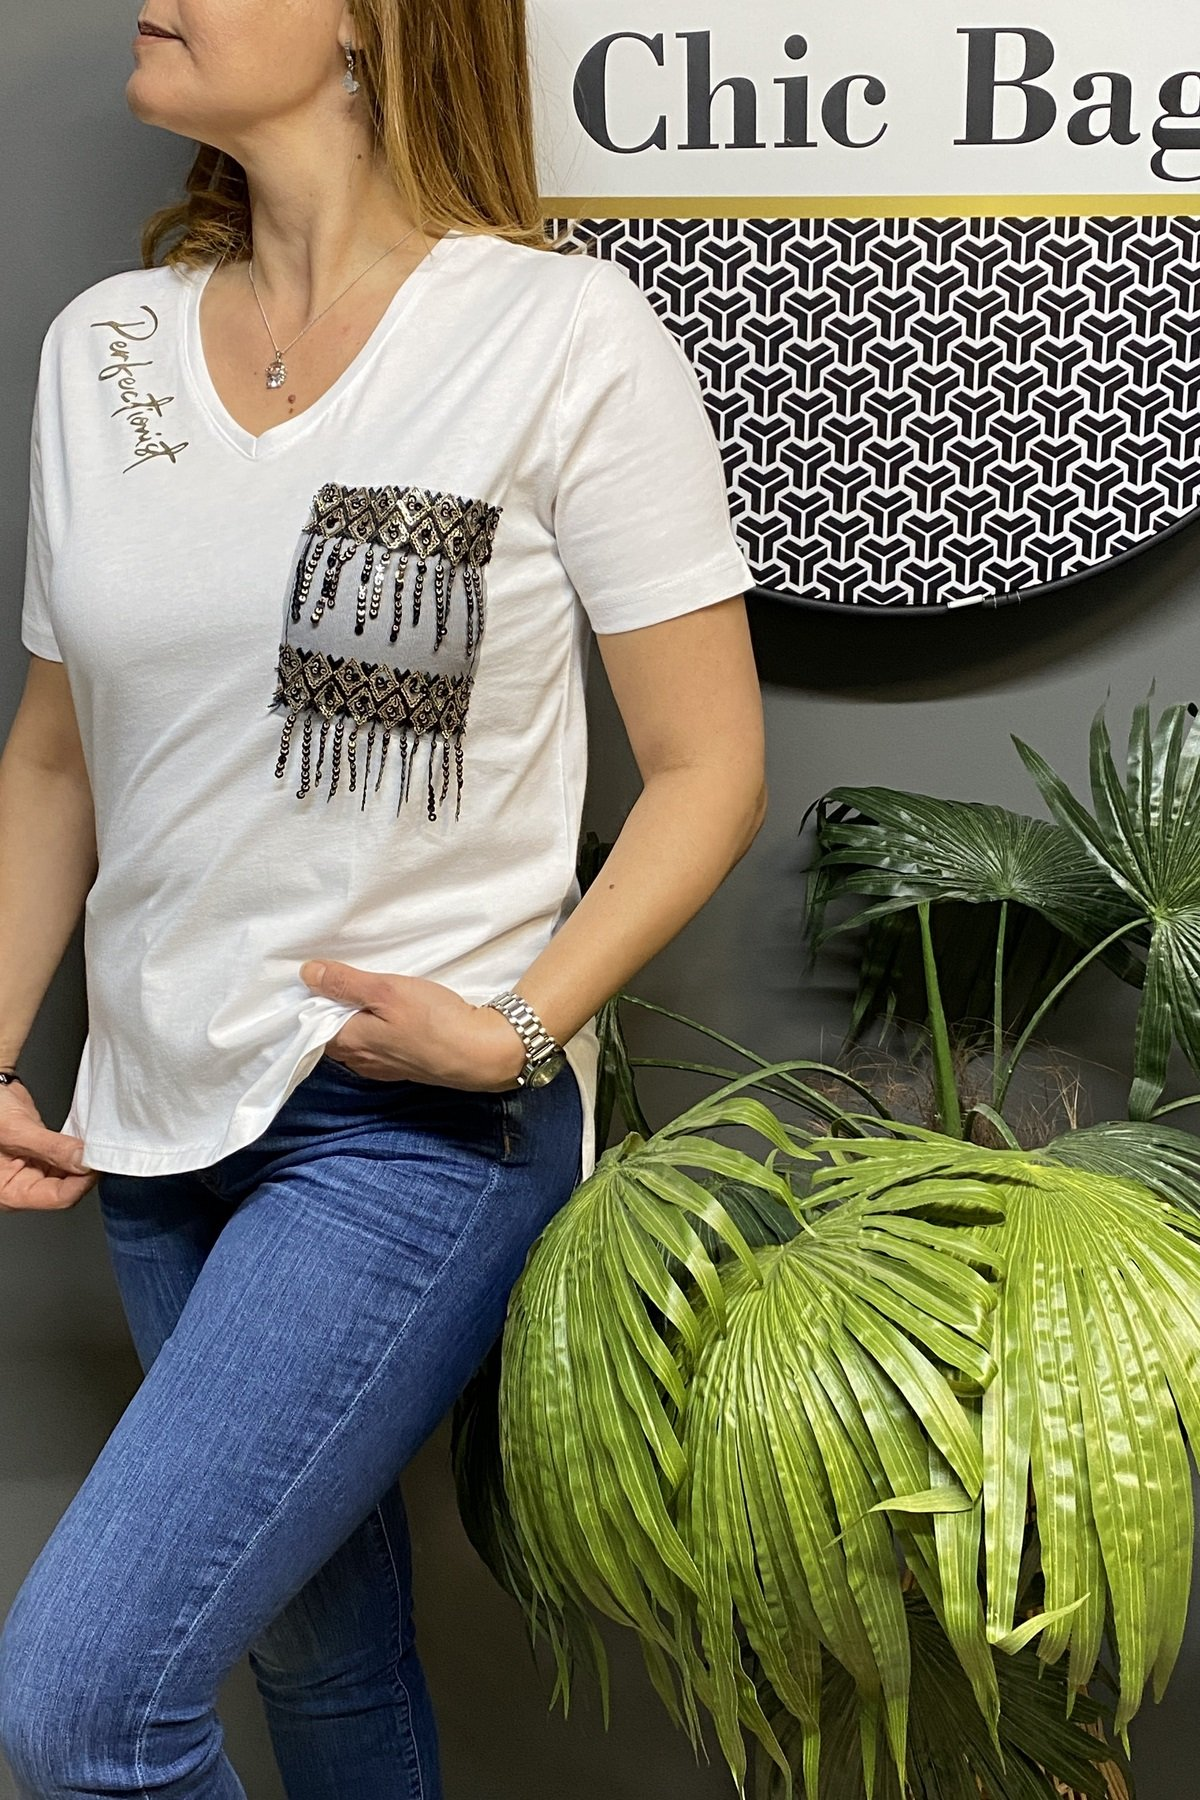 https://resim.chicbag.com.tr/p000546/byz/v-yaka-cebi-tul-ve-payet-detayli-t_shirt-olv-012e6bf3bd3d.